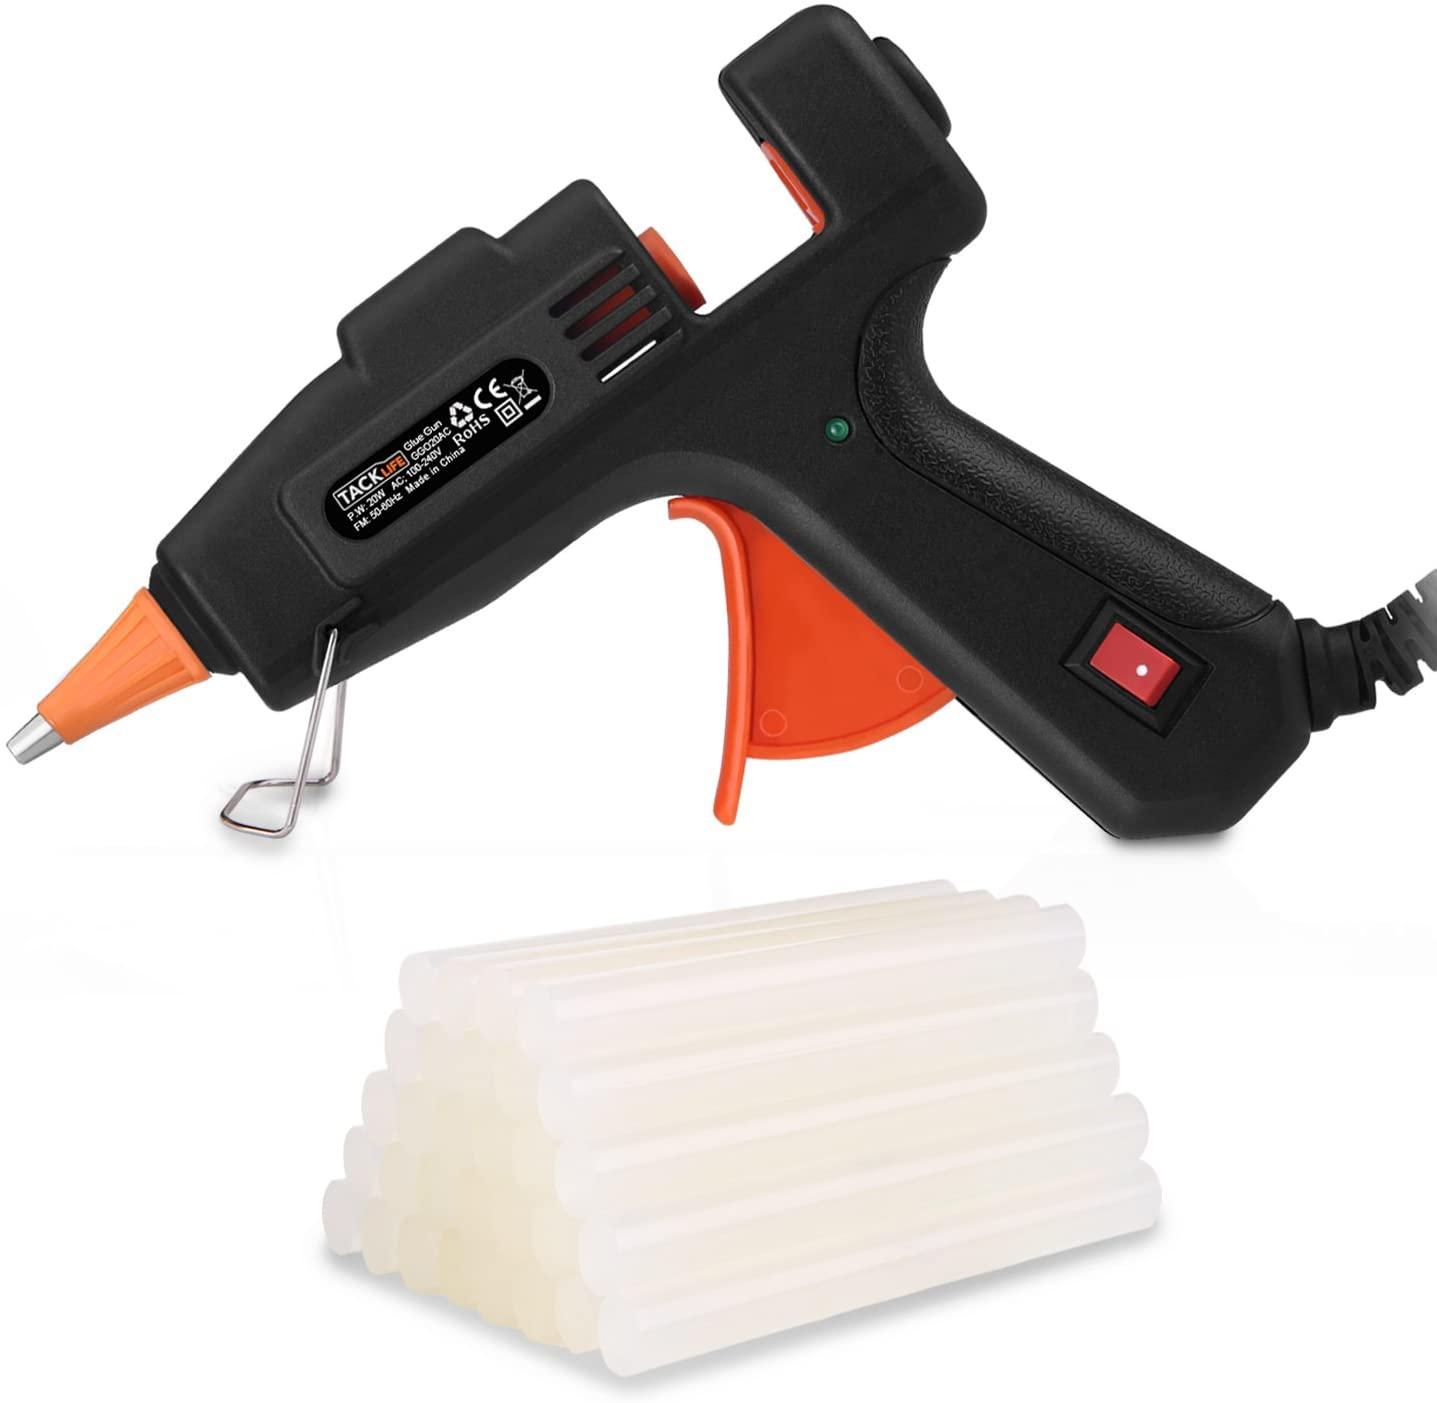 pistola-de-silicona-electrica-tacklife-ggo20ac.jpg